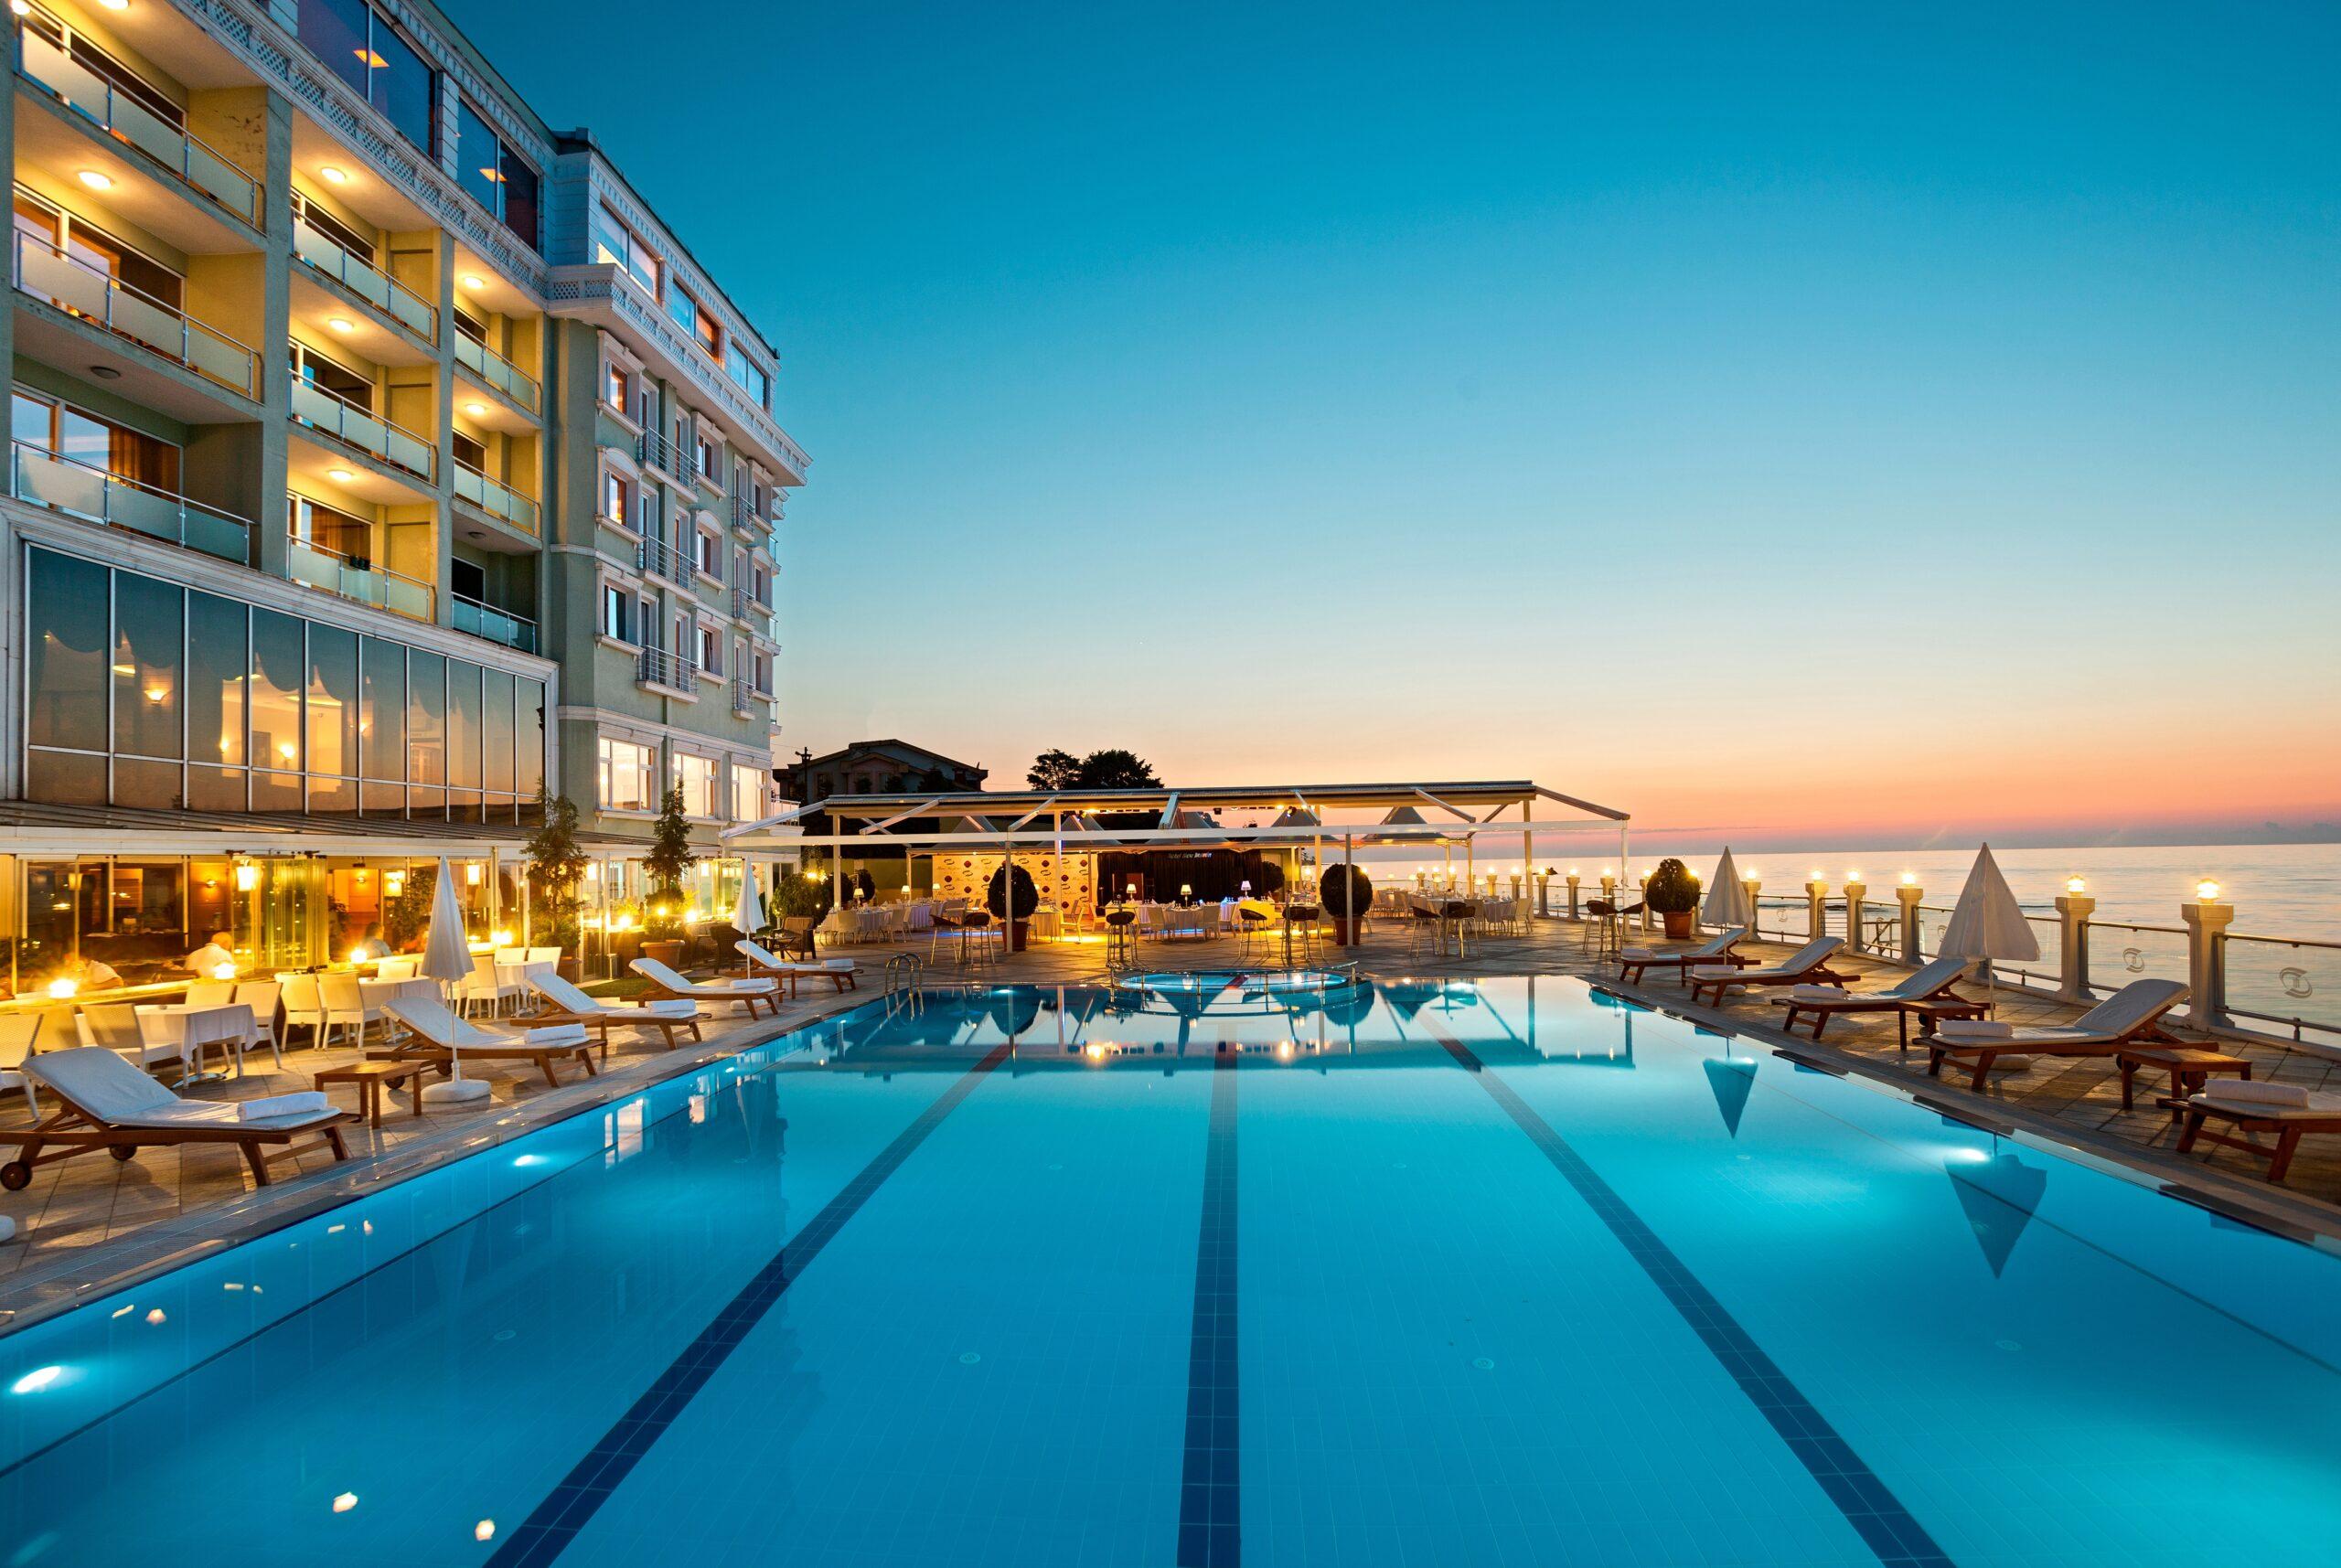 La Quinta by Wyndham Giresun - Exterior & Pool